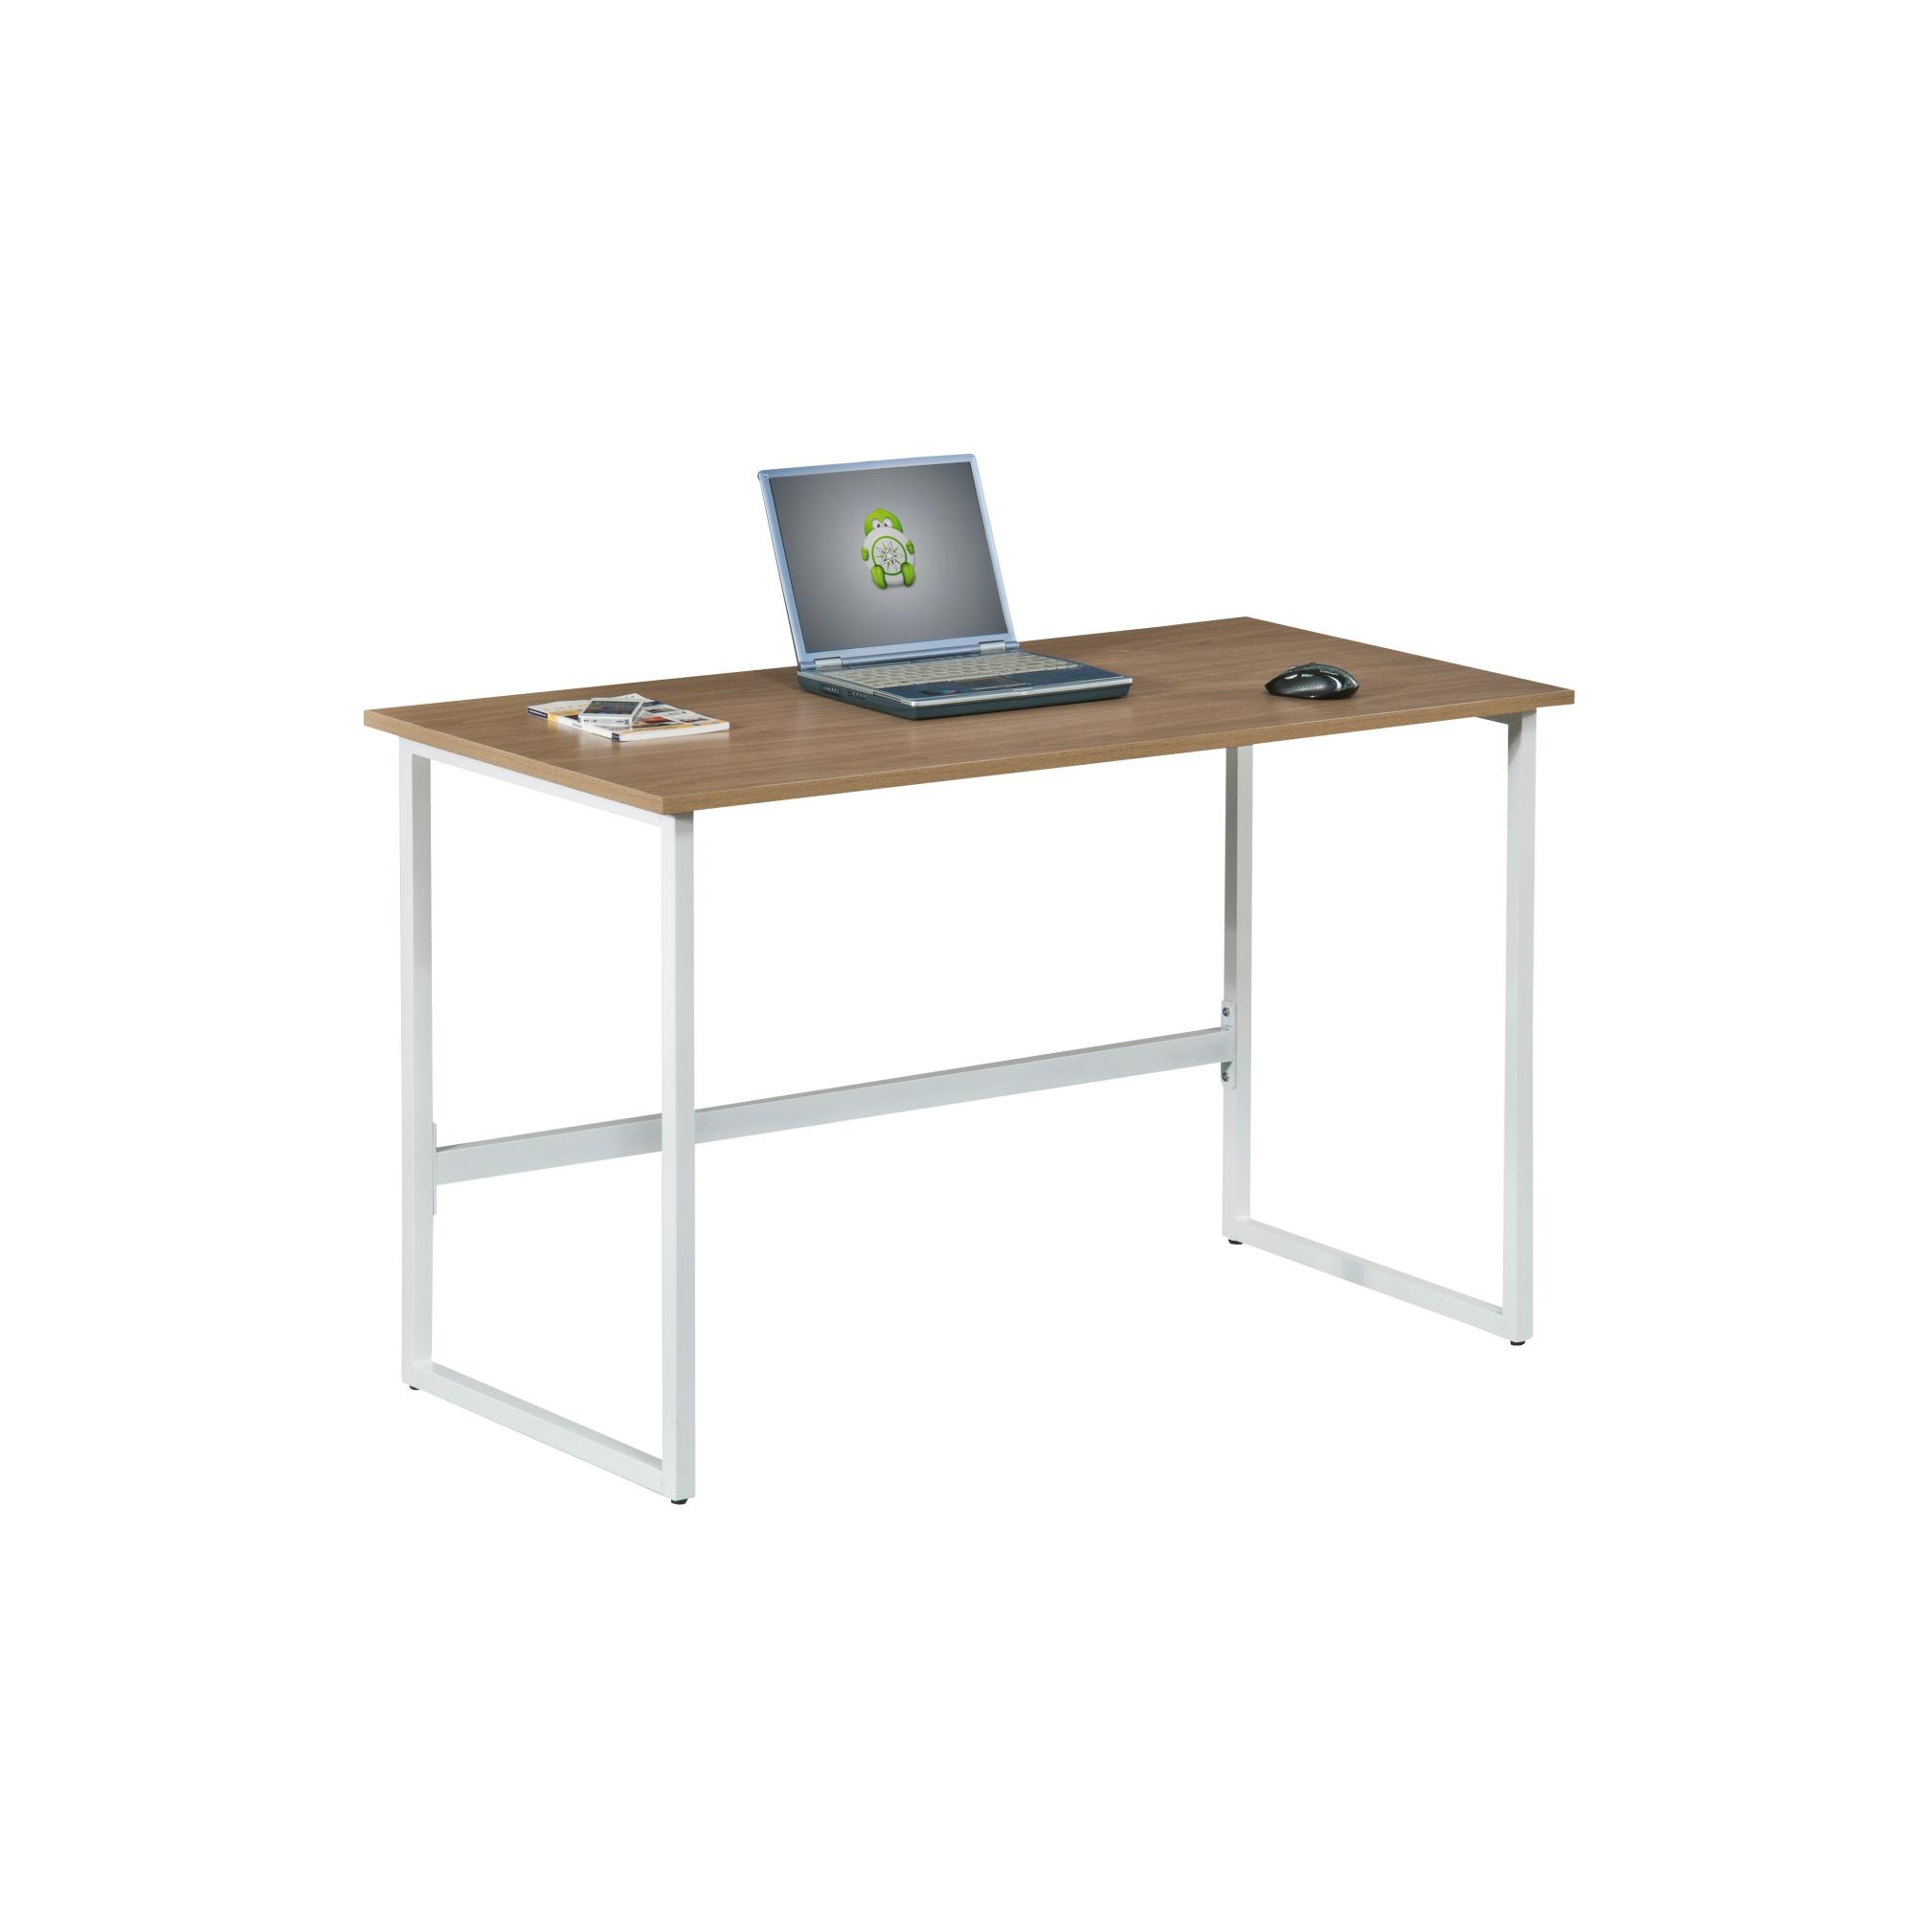 Γραφείο εργασίας σε χρώμα λευκό-καφέ 120x60x76